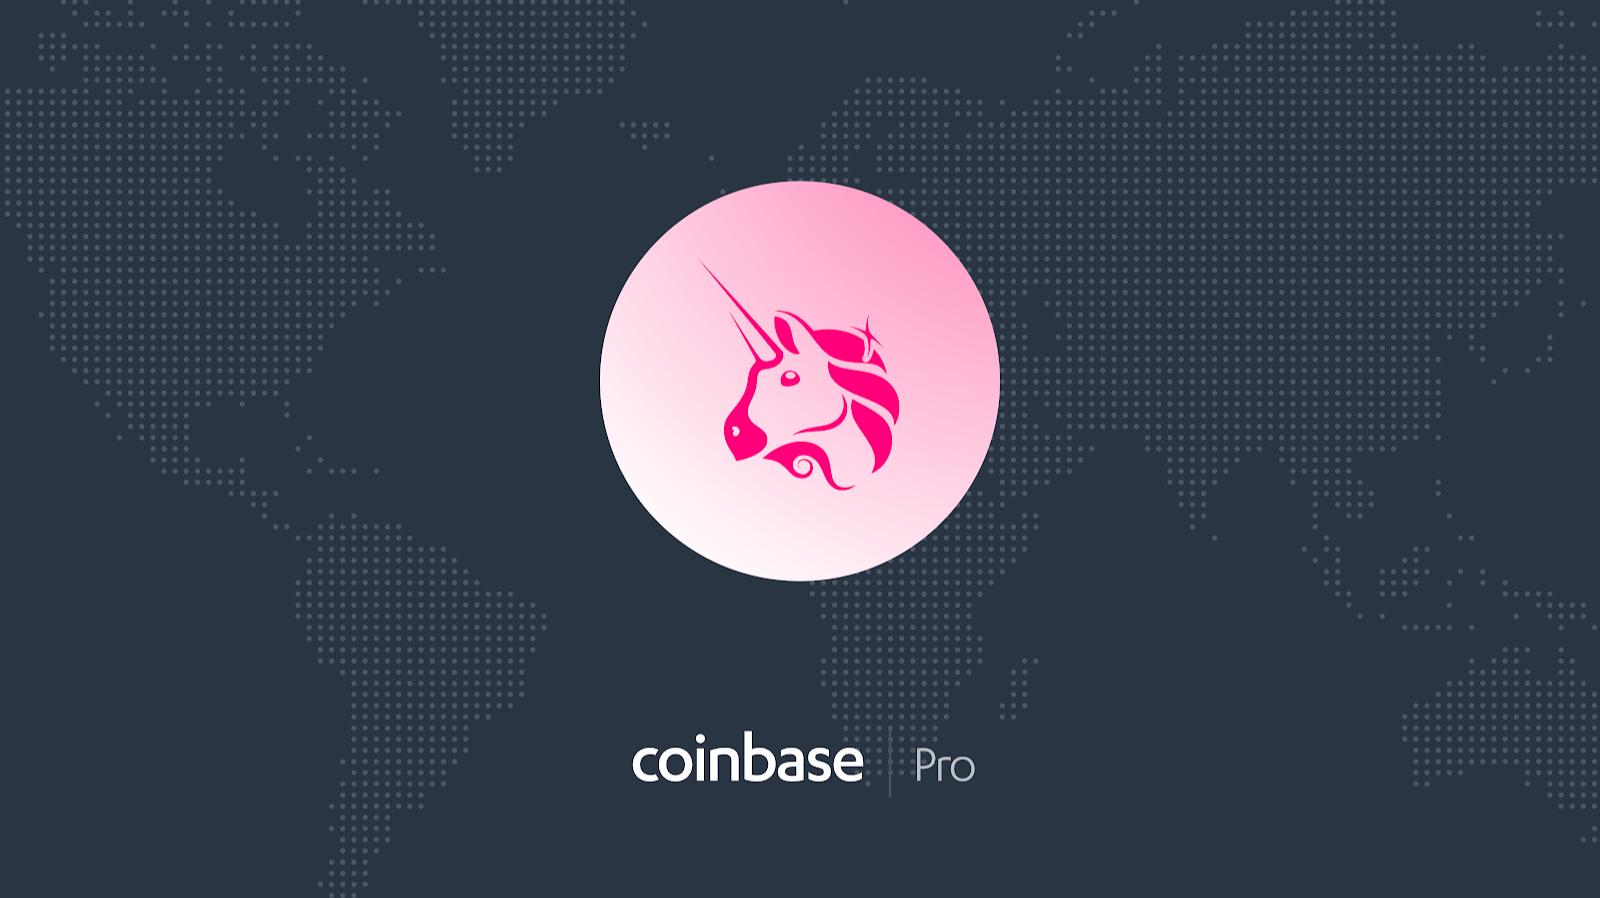 Uniswap Coinbase GFX